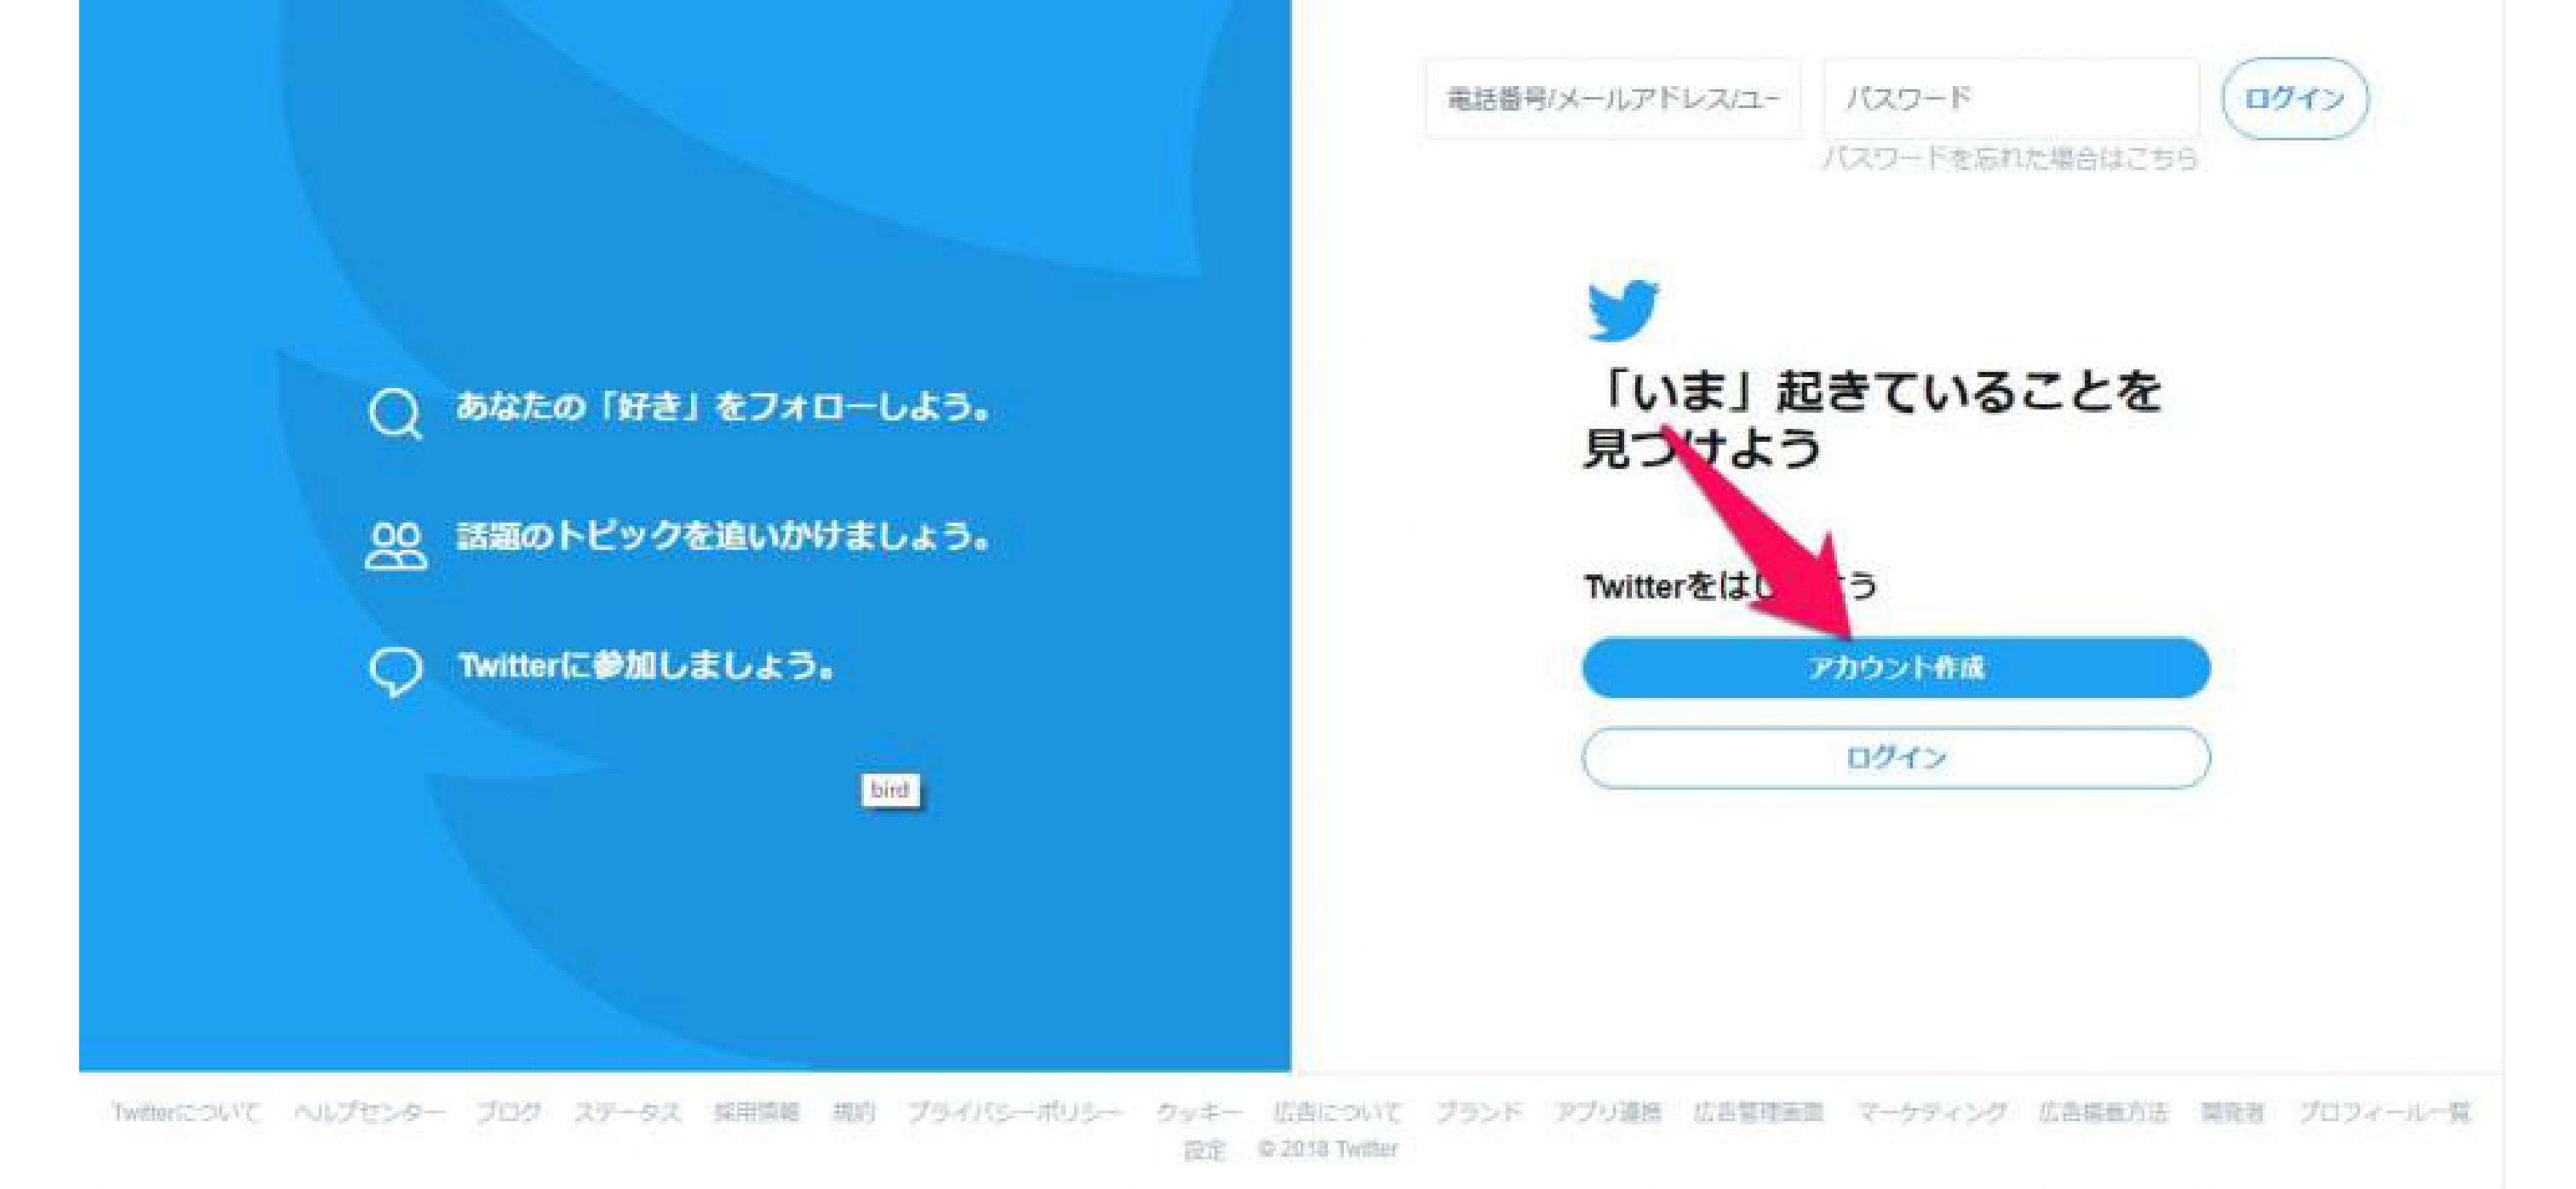 twitter アカウント 作成 方法